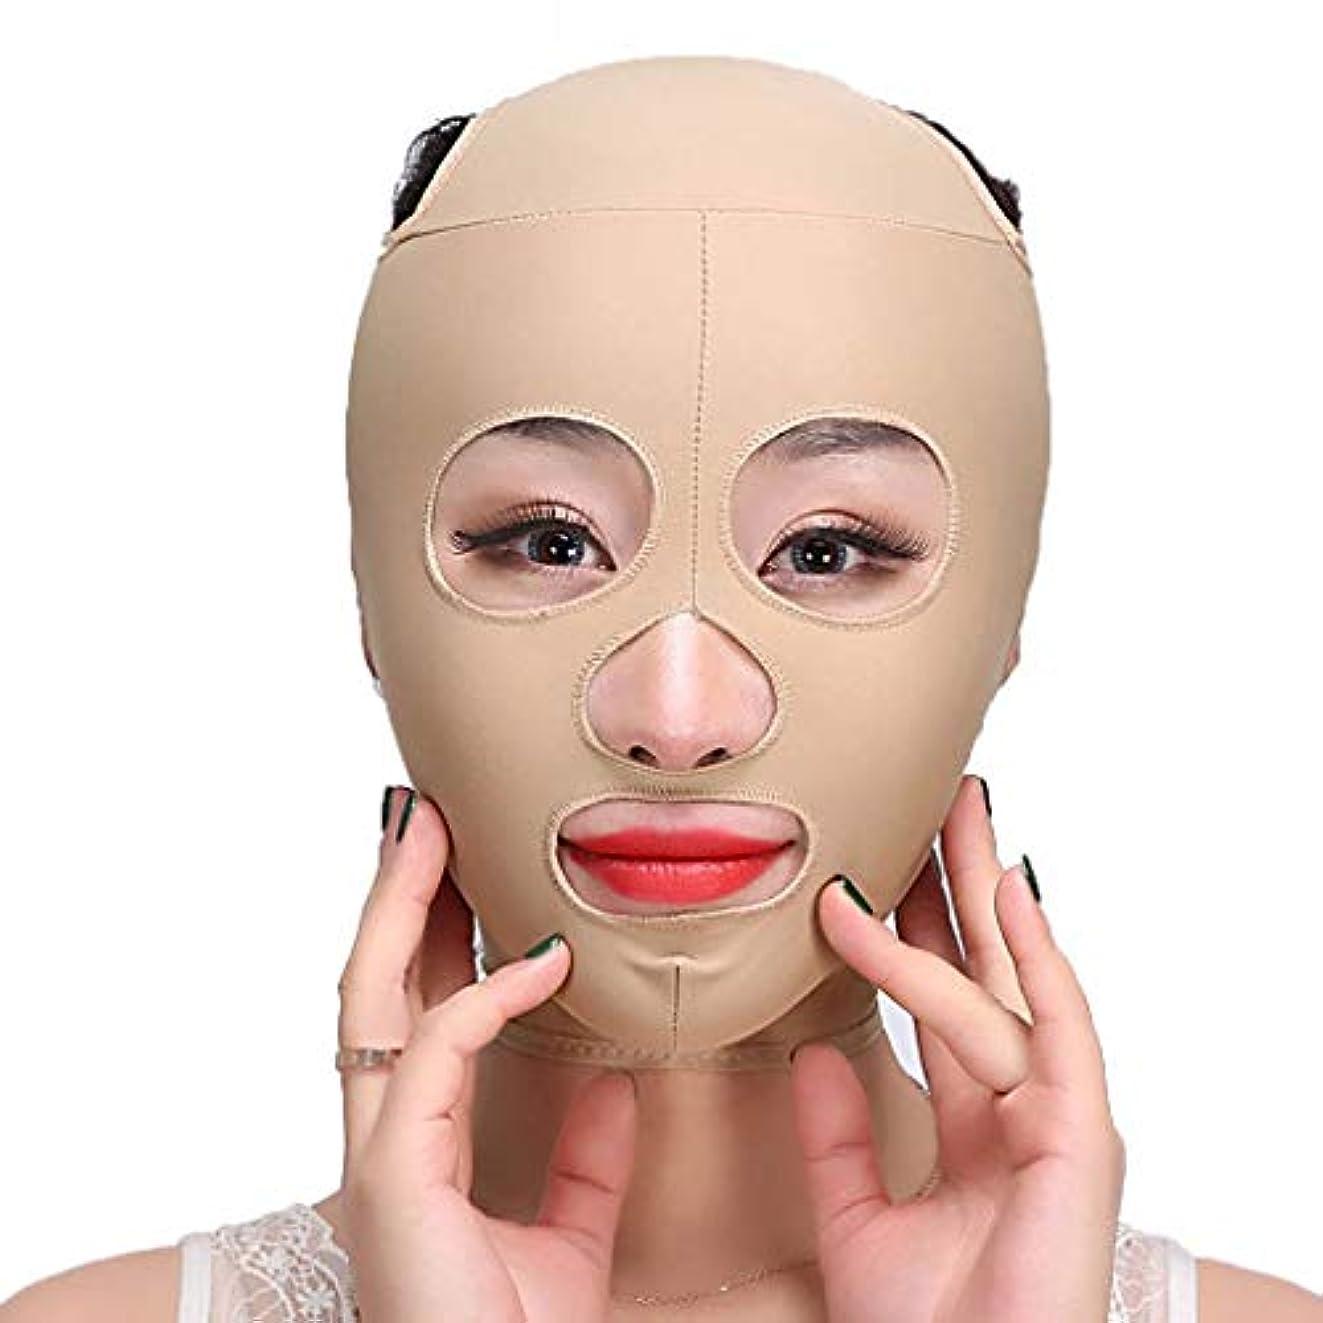 放散するマーキーペインギリックXHLMRMJ 痩身ベルト、フェイスマスク薄いフェイス楽器リフティング引き締めVフェイス男性と女性フェイスリフティングステッカーダブルチンフェイスリフティングフェイスマスク包帯フェイシャルマッサージ (Size : L)